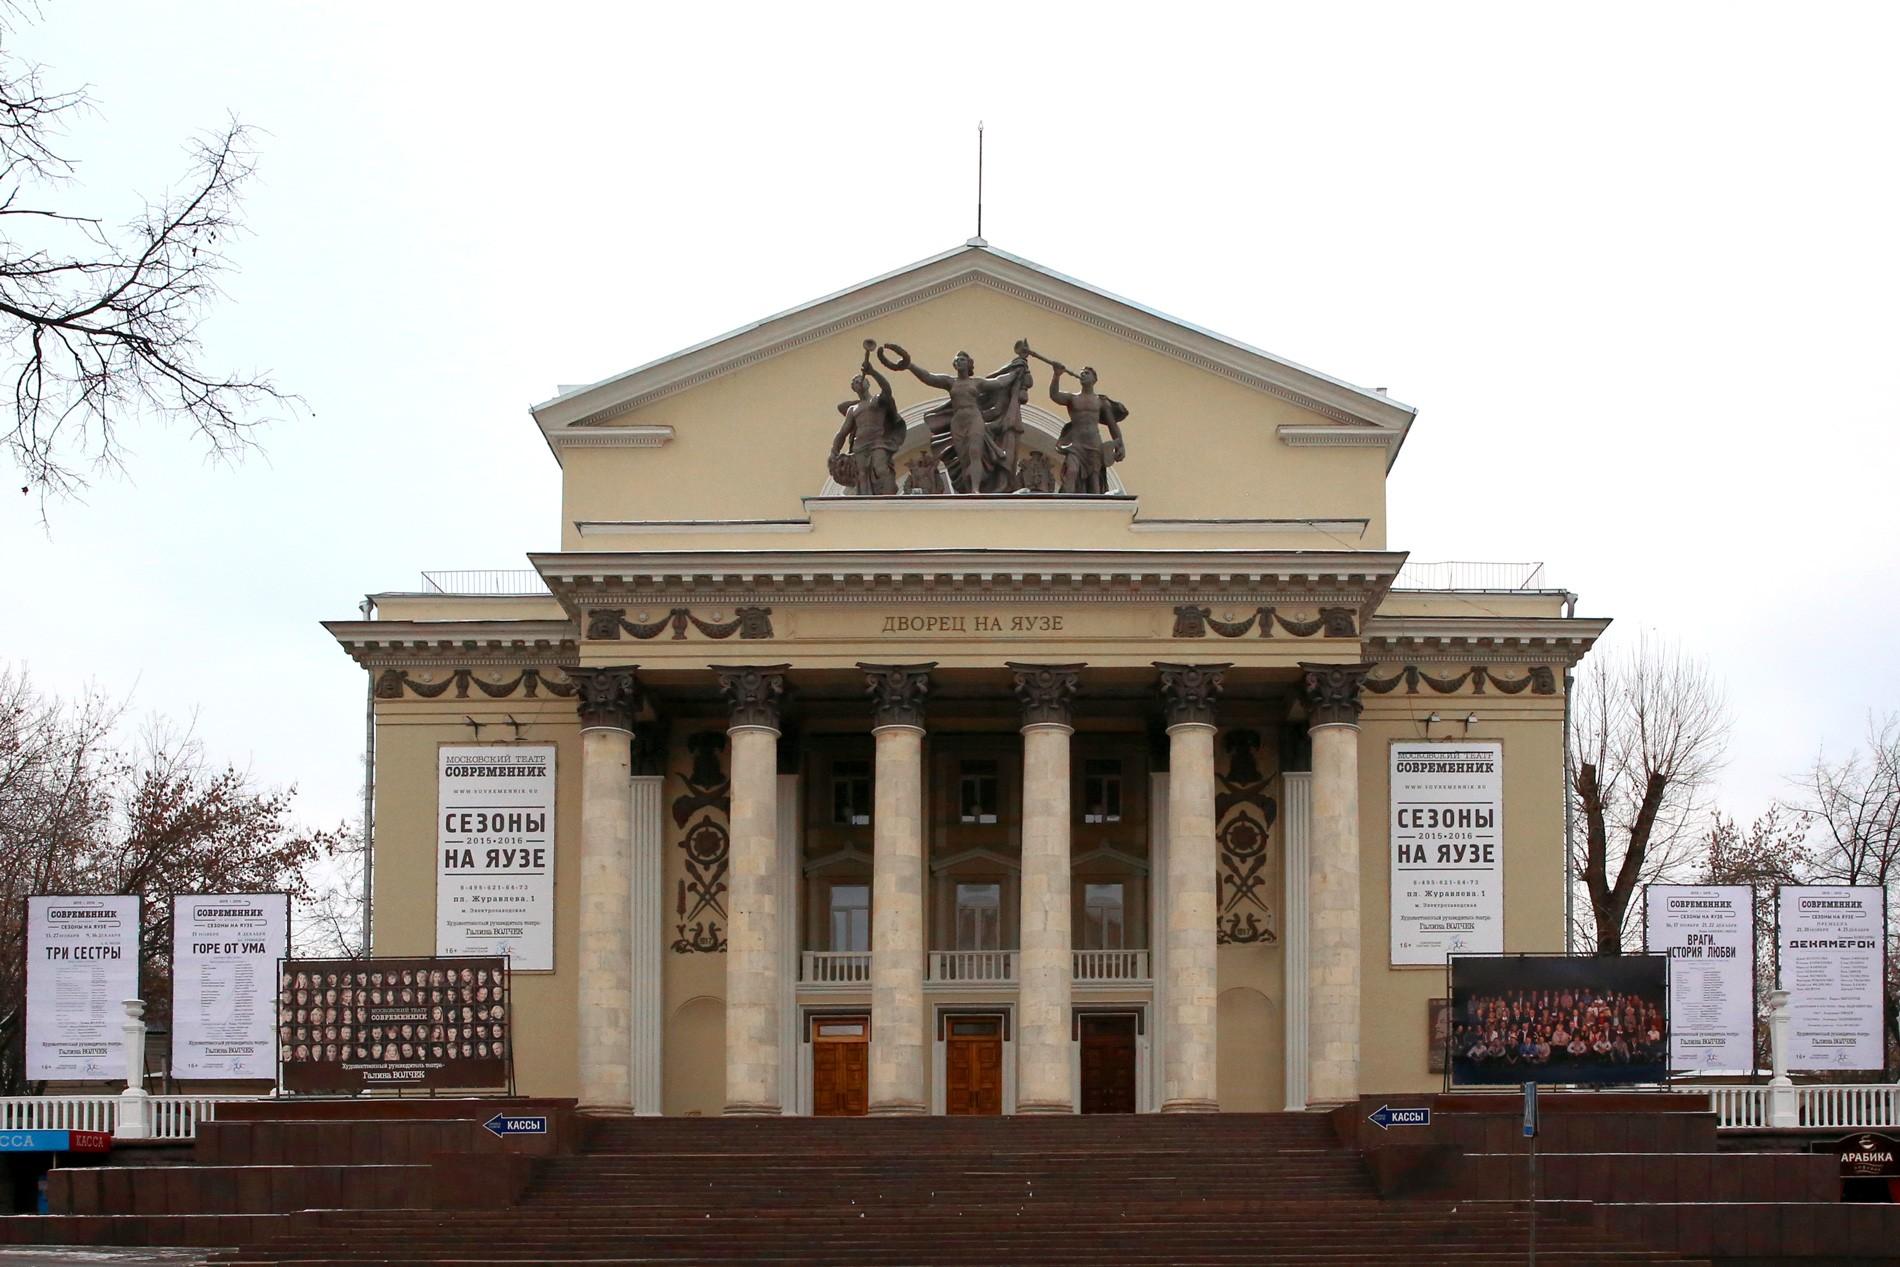 Втеатре «Современник» впервый раз состоится спектакль для слепых